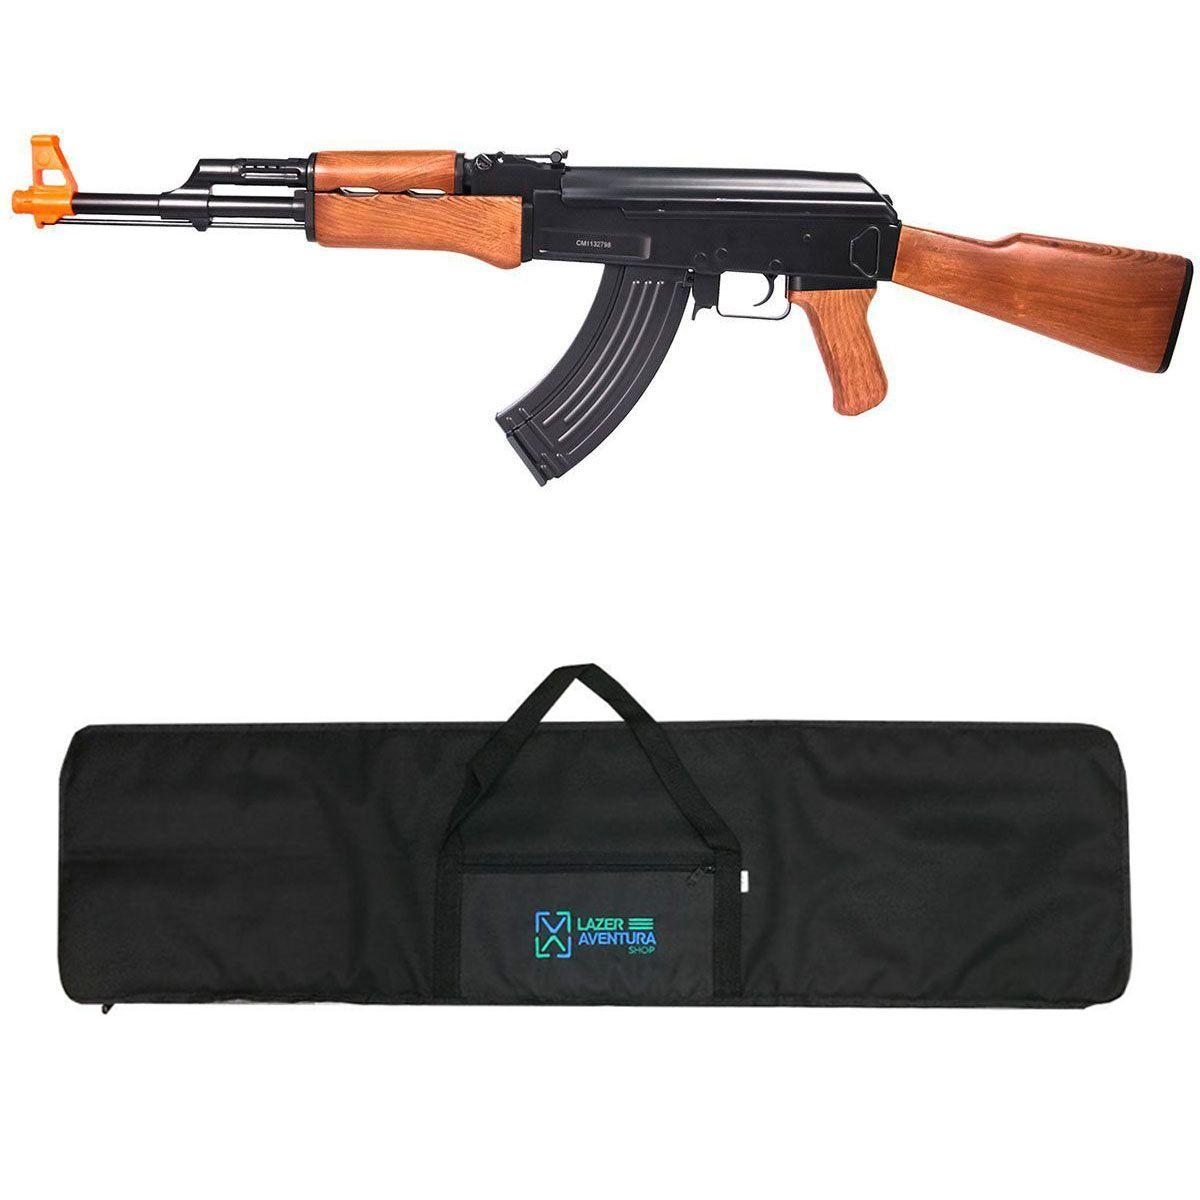 Kit Rifle Cyma AK47 + Capa Lazer e Aventura